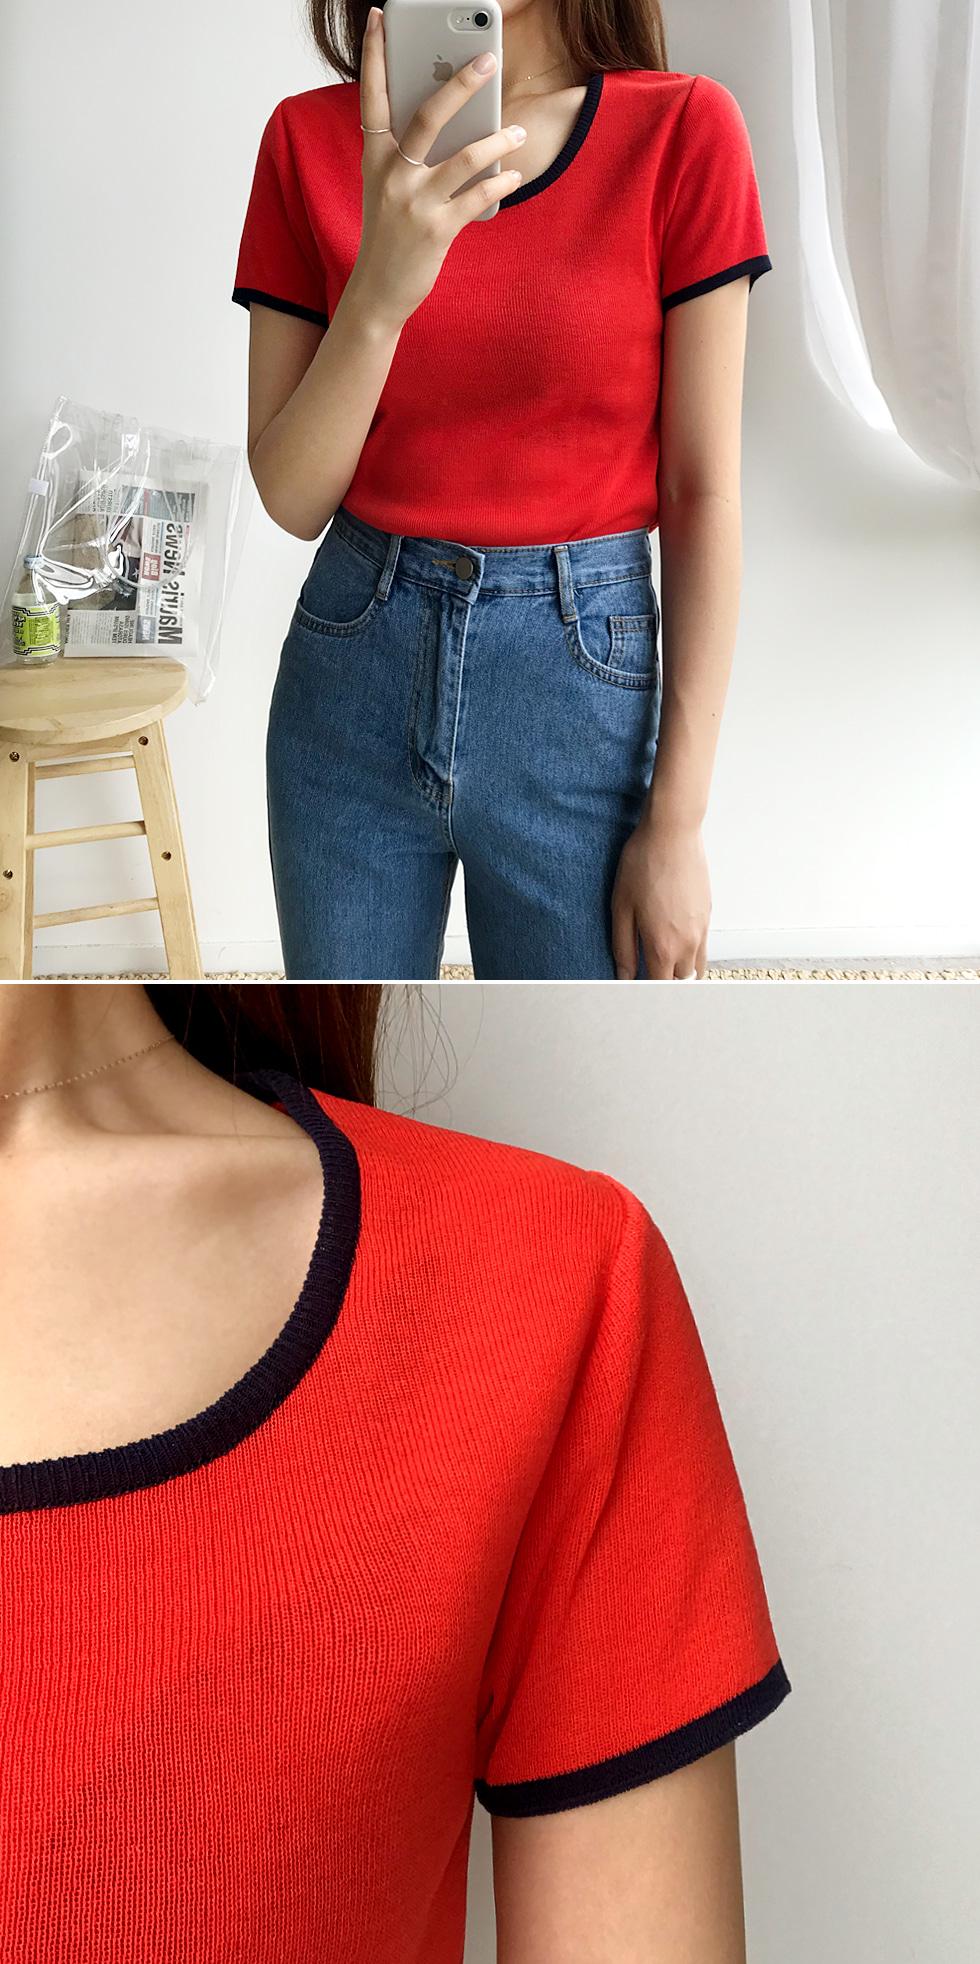 Coolline Knitwear